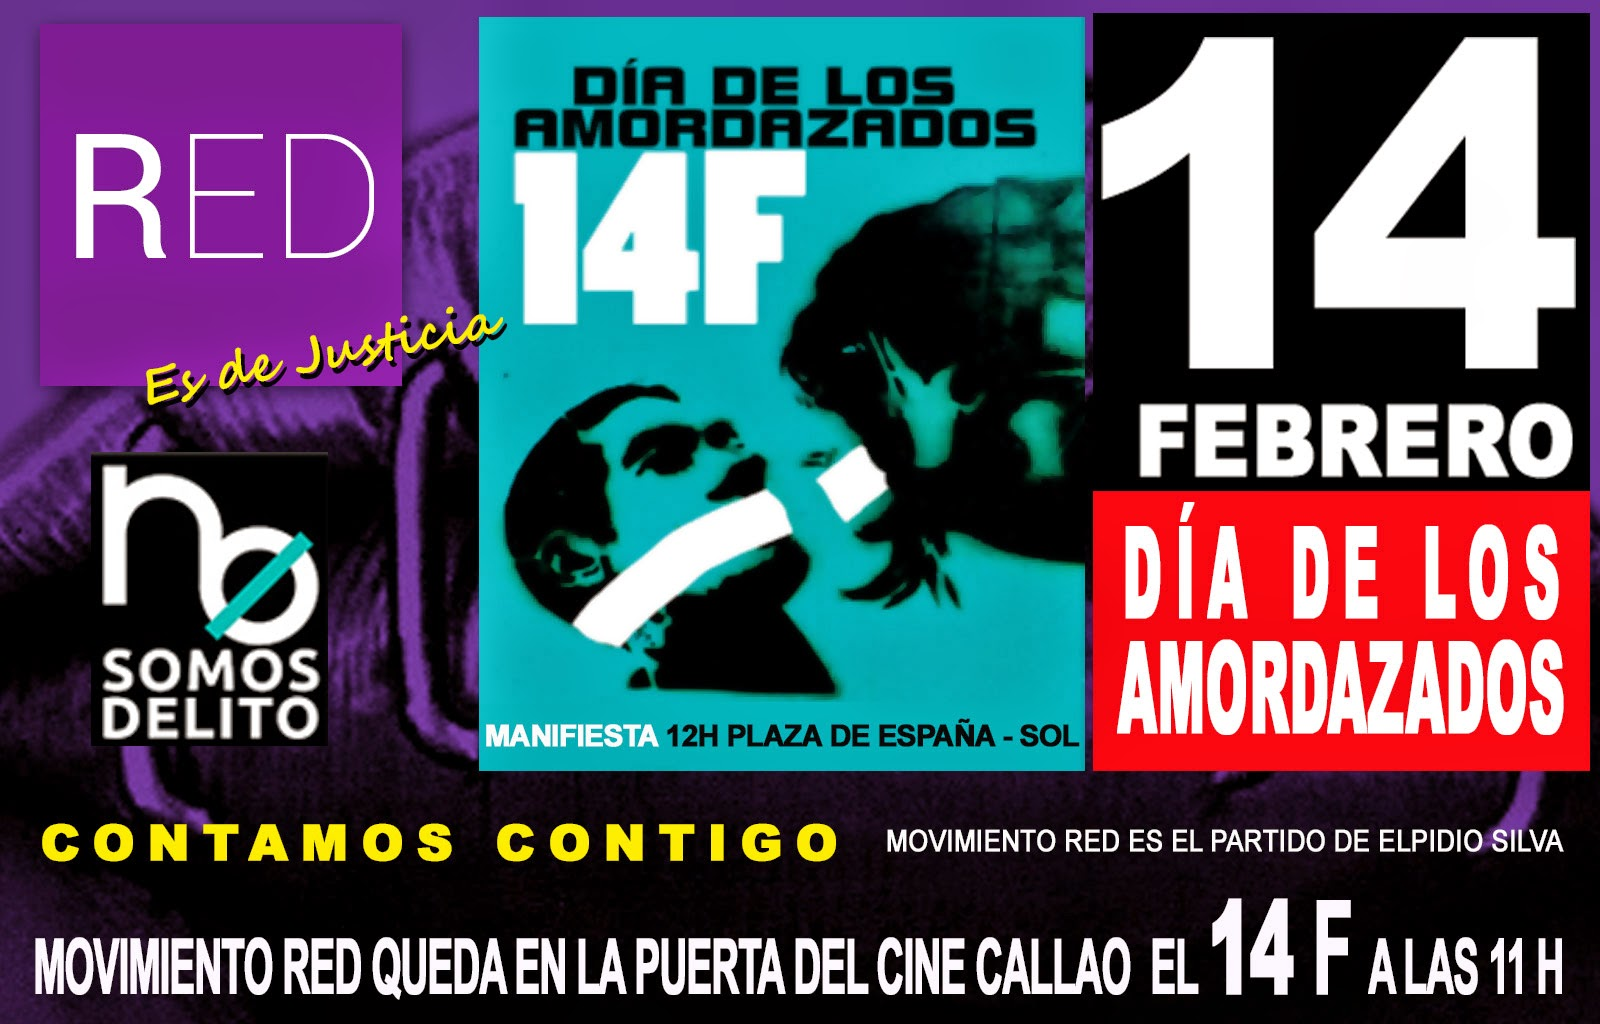 14 de Febrero día de los amordazados, manifiestate, vota Movimiento RED